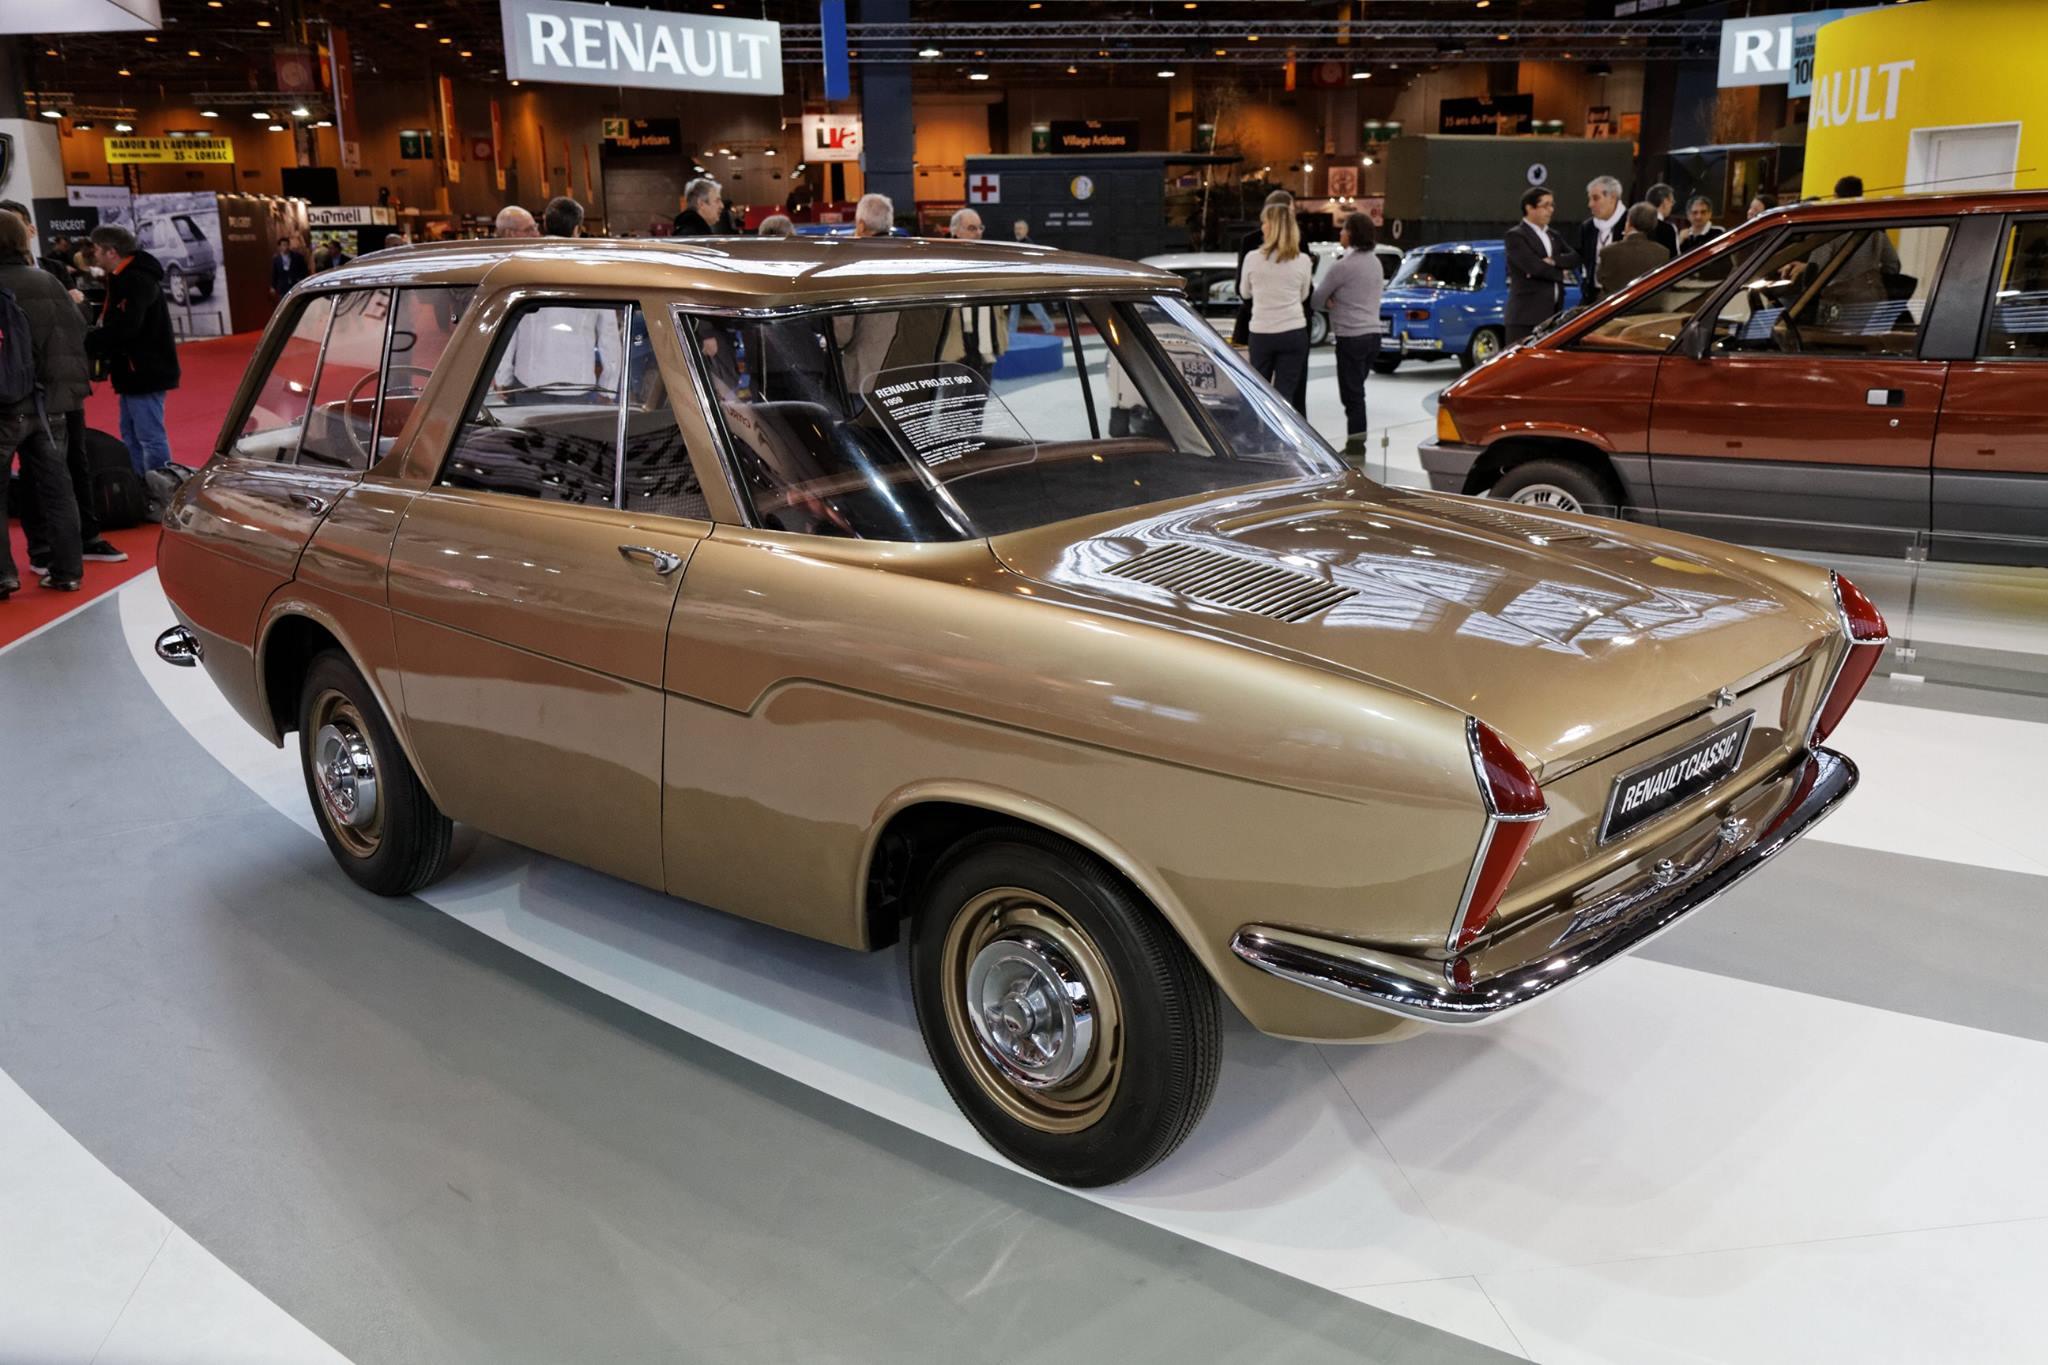 Renault-900-1959-proto-2